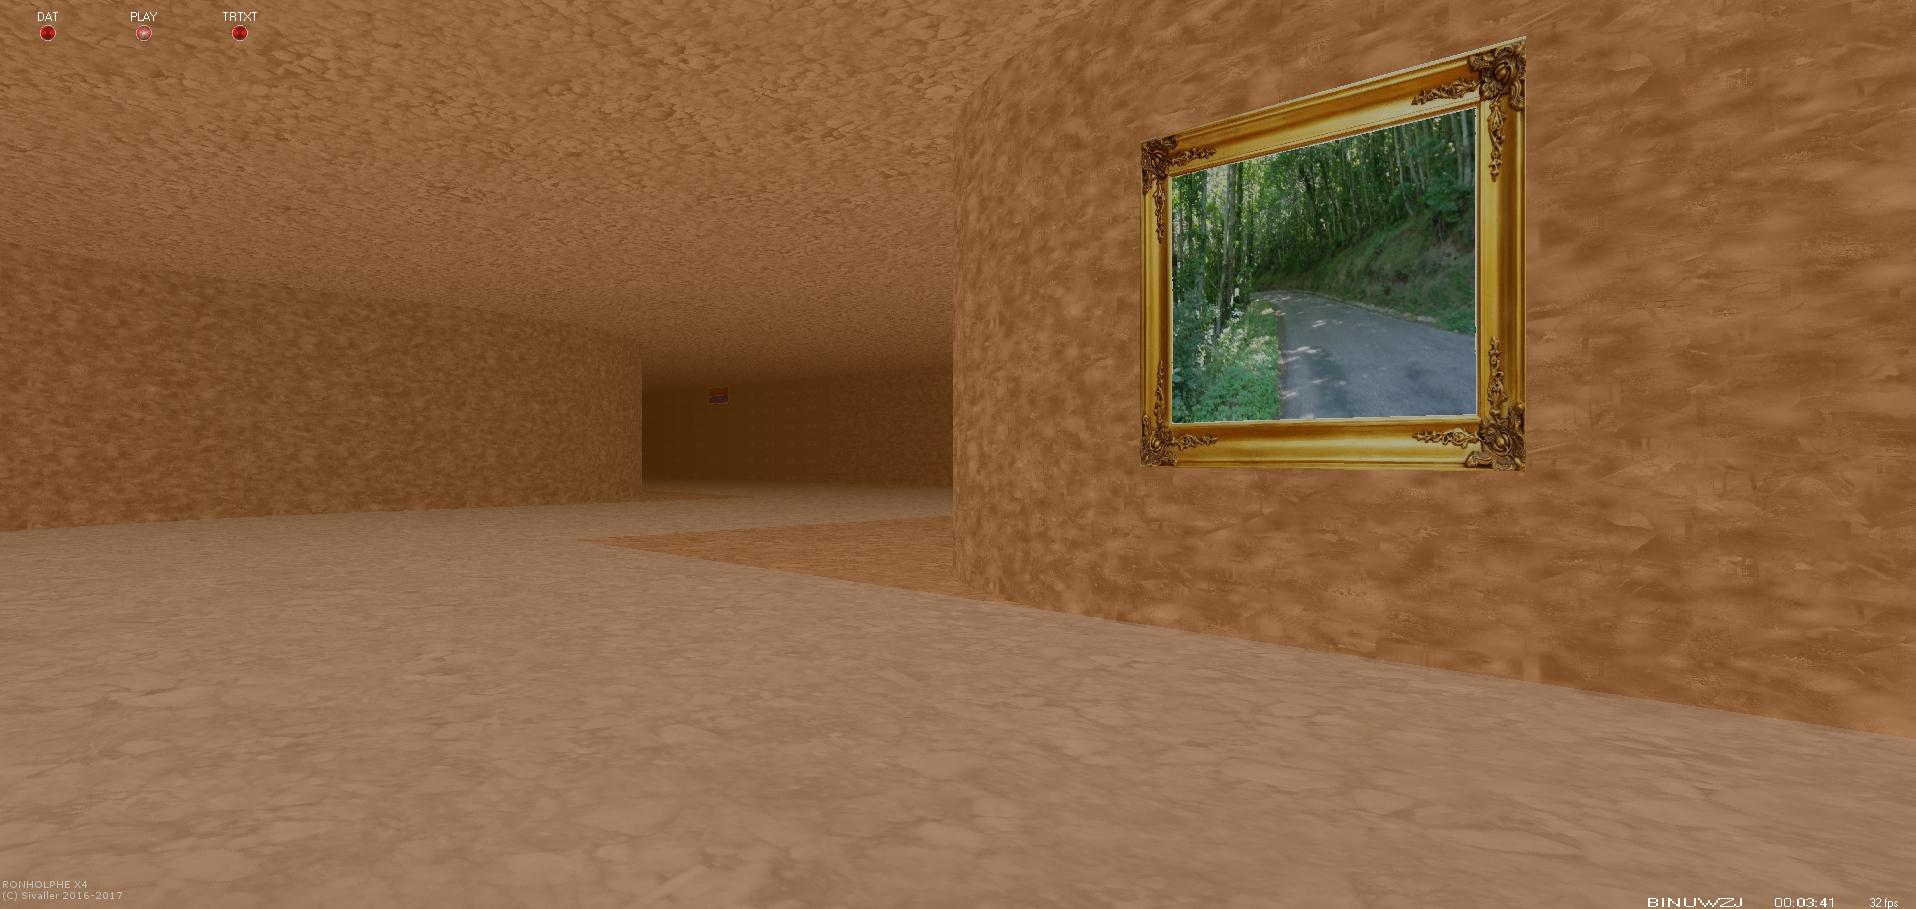 Capture d'écran GameSok Ronholphe